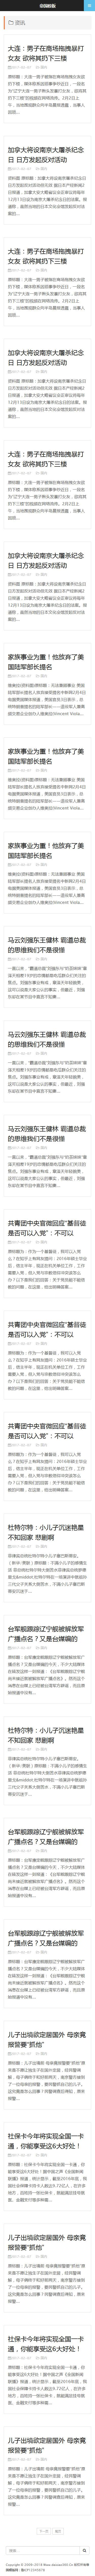 帝国cms全屏自适应手机版新闻文章资讯个人博客网站模板_手机版列表页模板